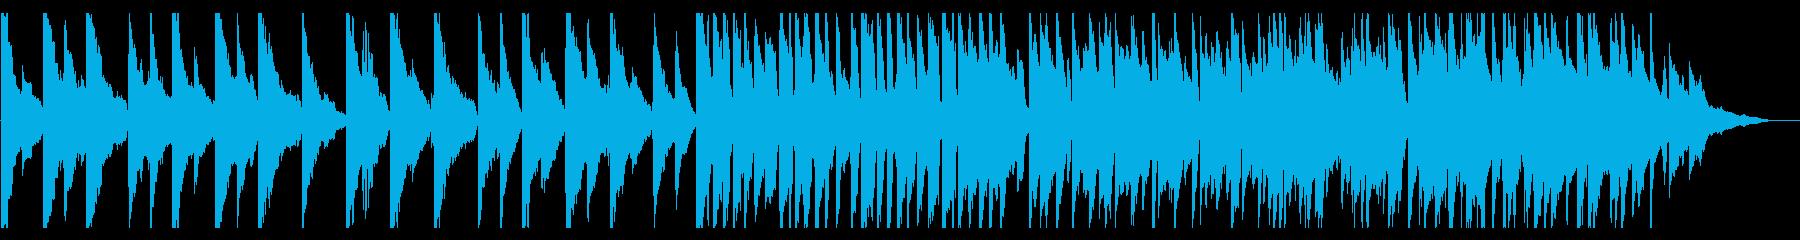 【ピアノ】幻想的で美しい紹介案内映像向けの再生済みの波形